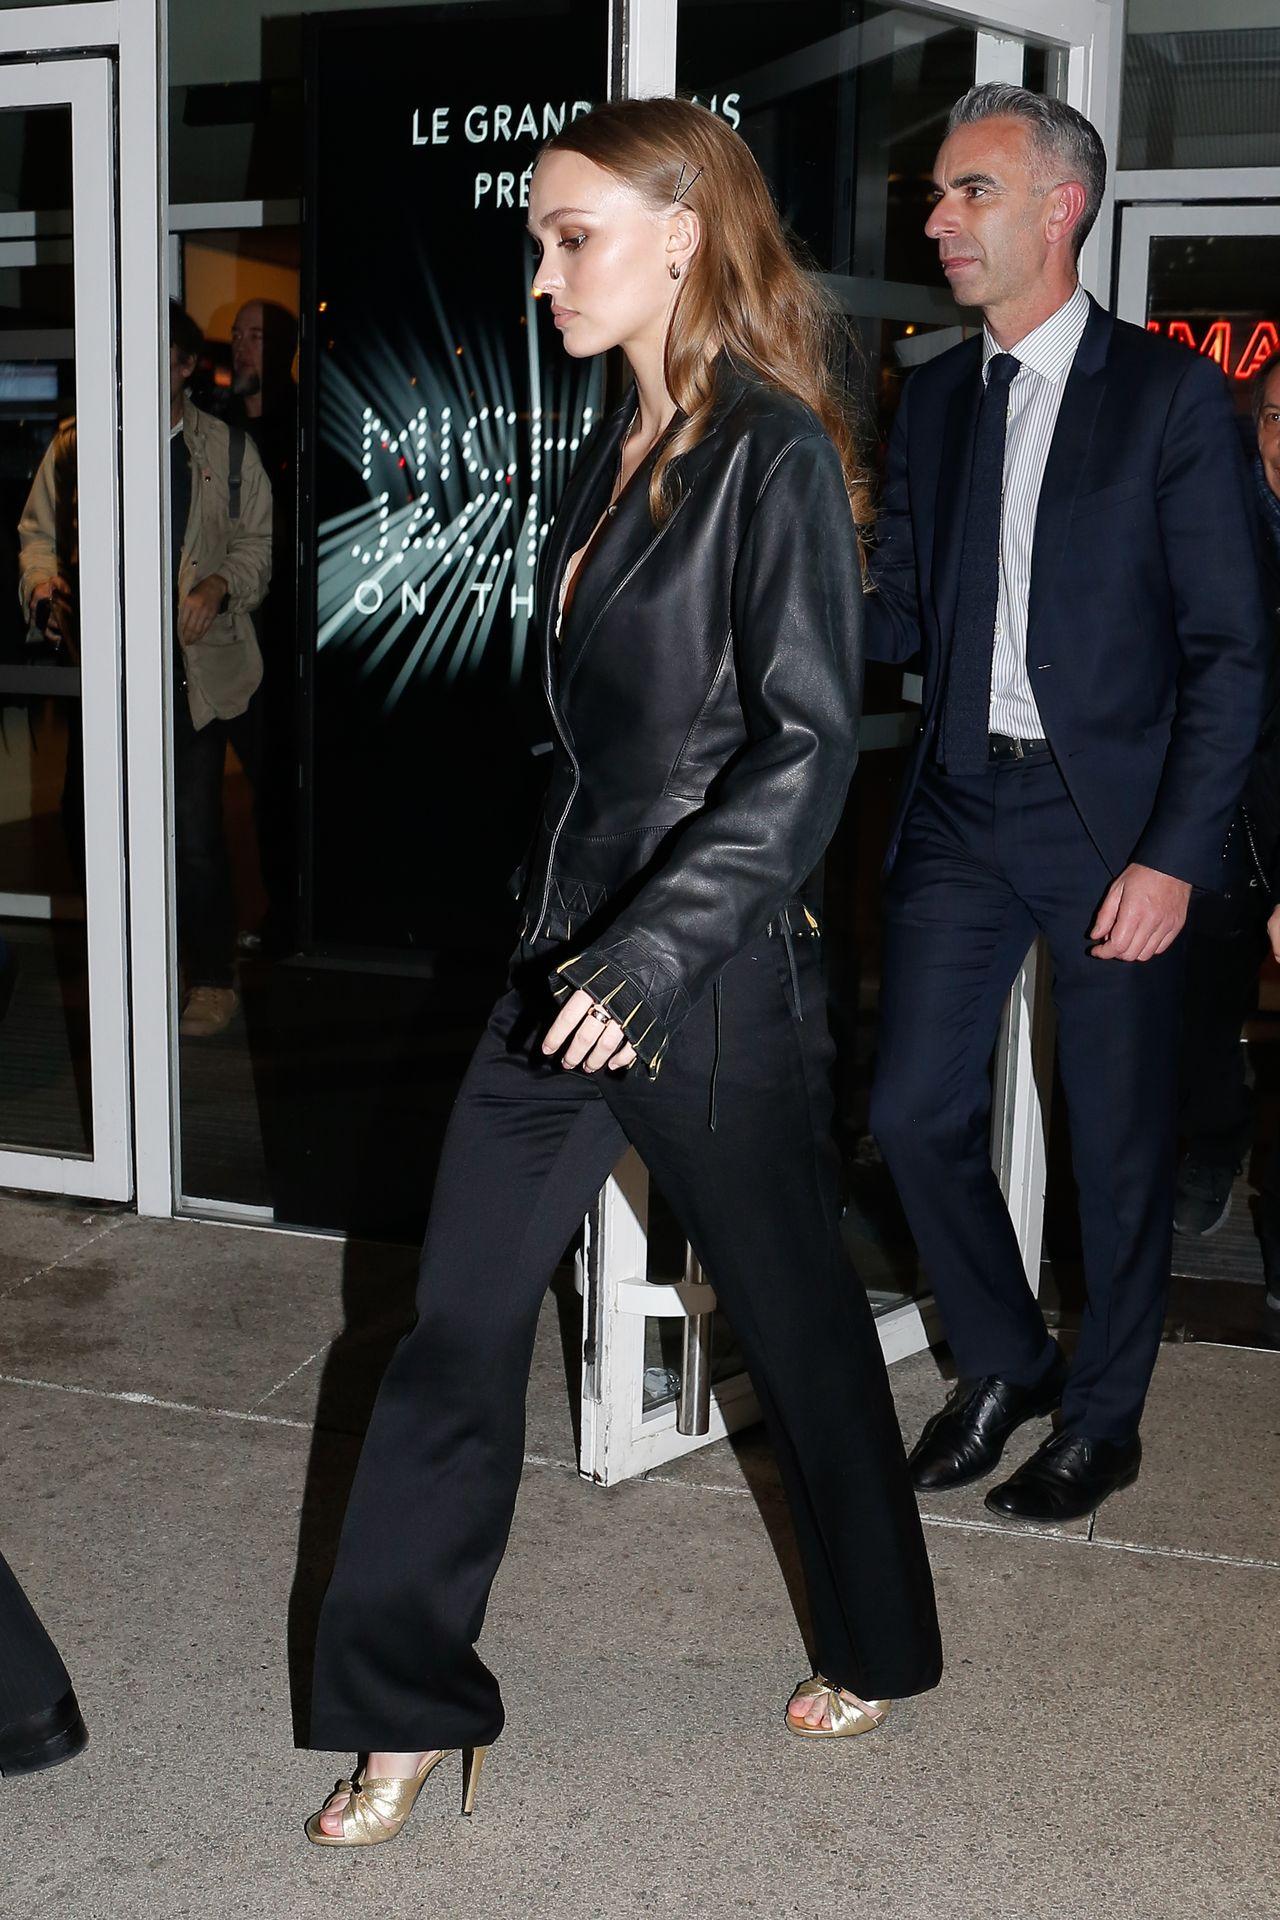 19-letnia córka Johnny'ego Deppa, Lily Rose Depp, naturalnie piękna na premierze